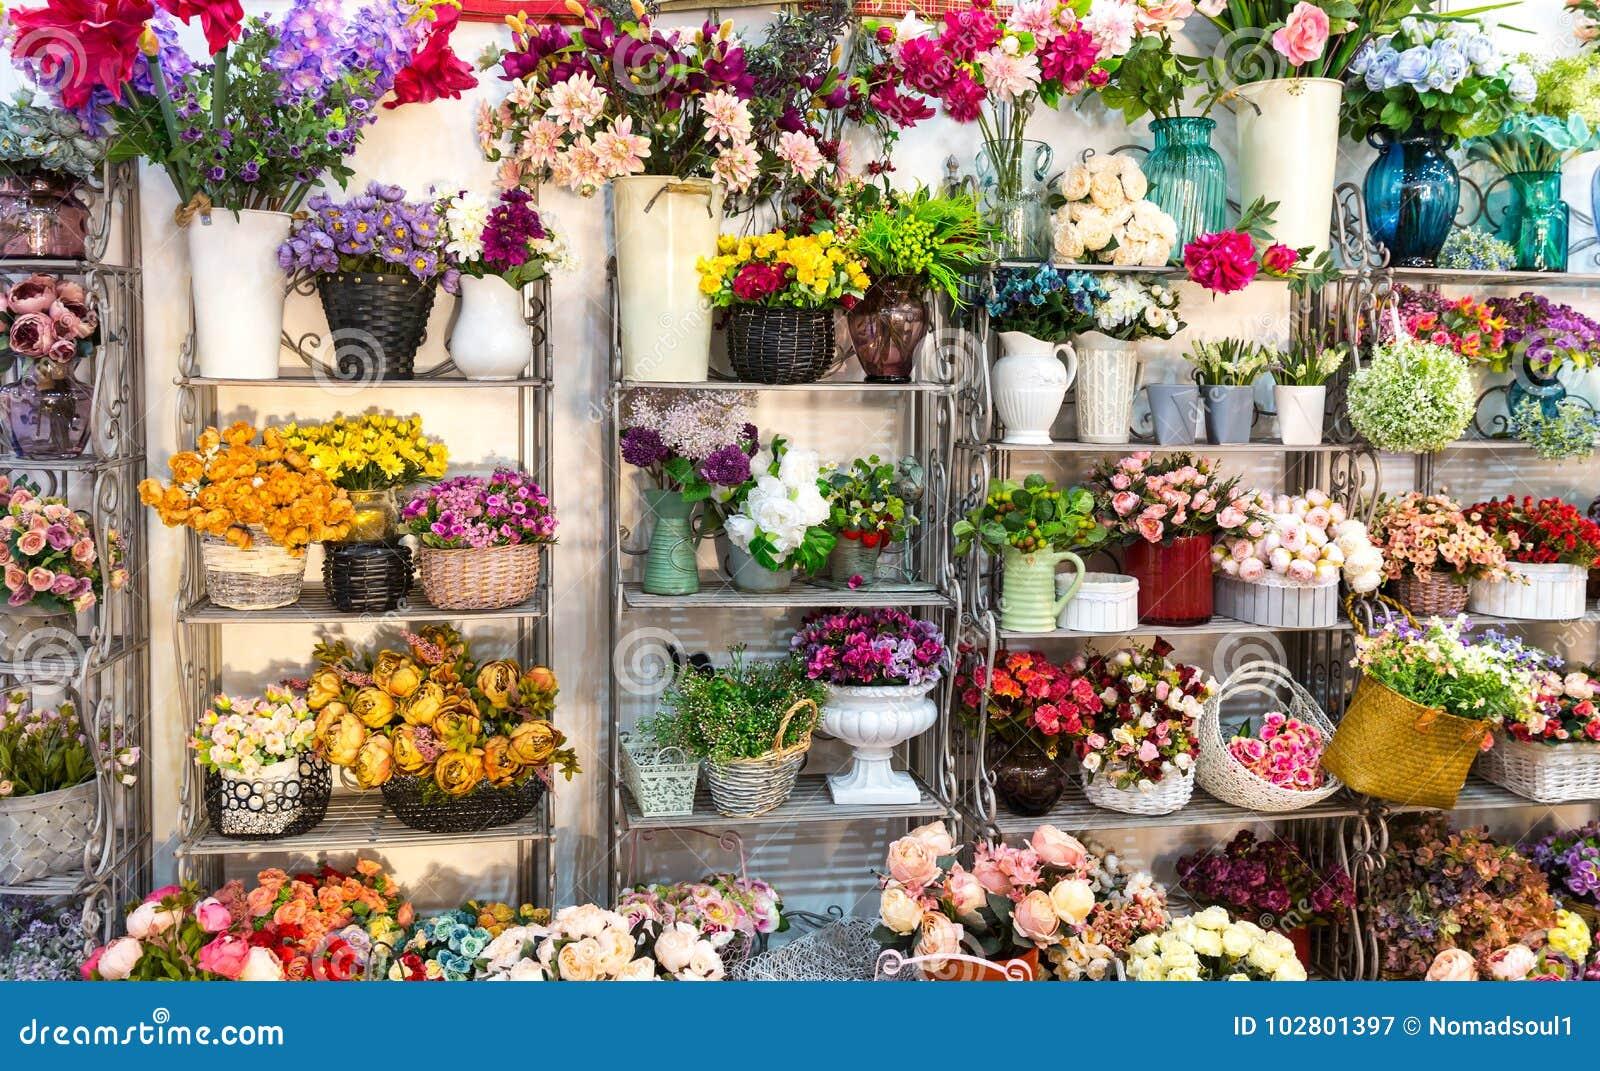 Flower shop bouquets on shelf florist business stock image image flower shop bouquets on shelf florist business beautiful floral decoration izmirmasajfo